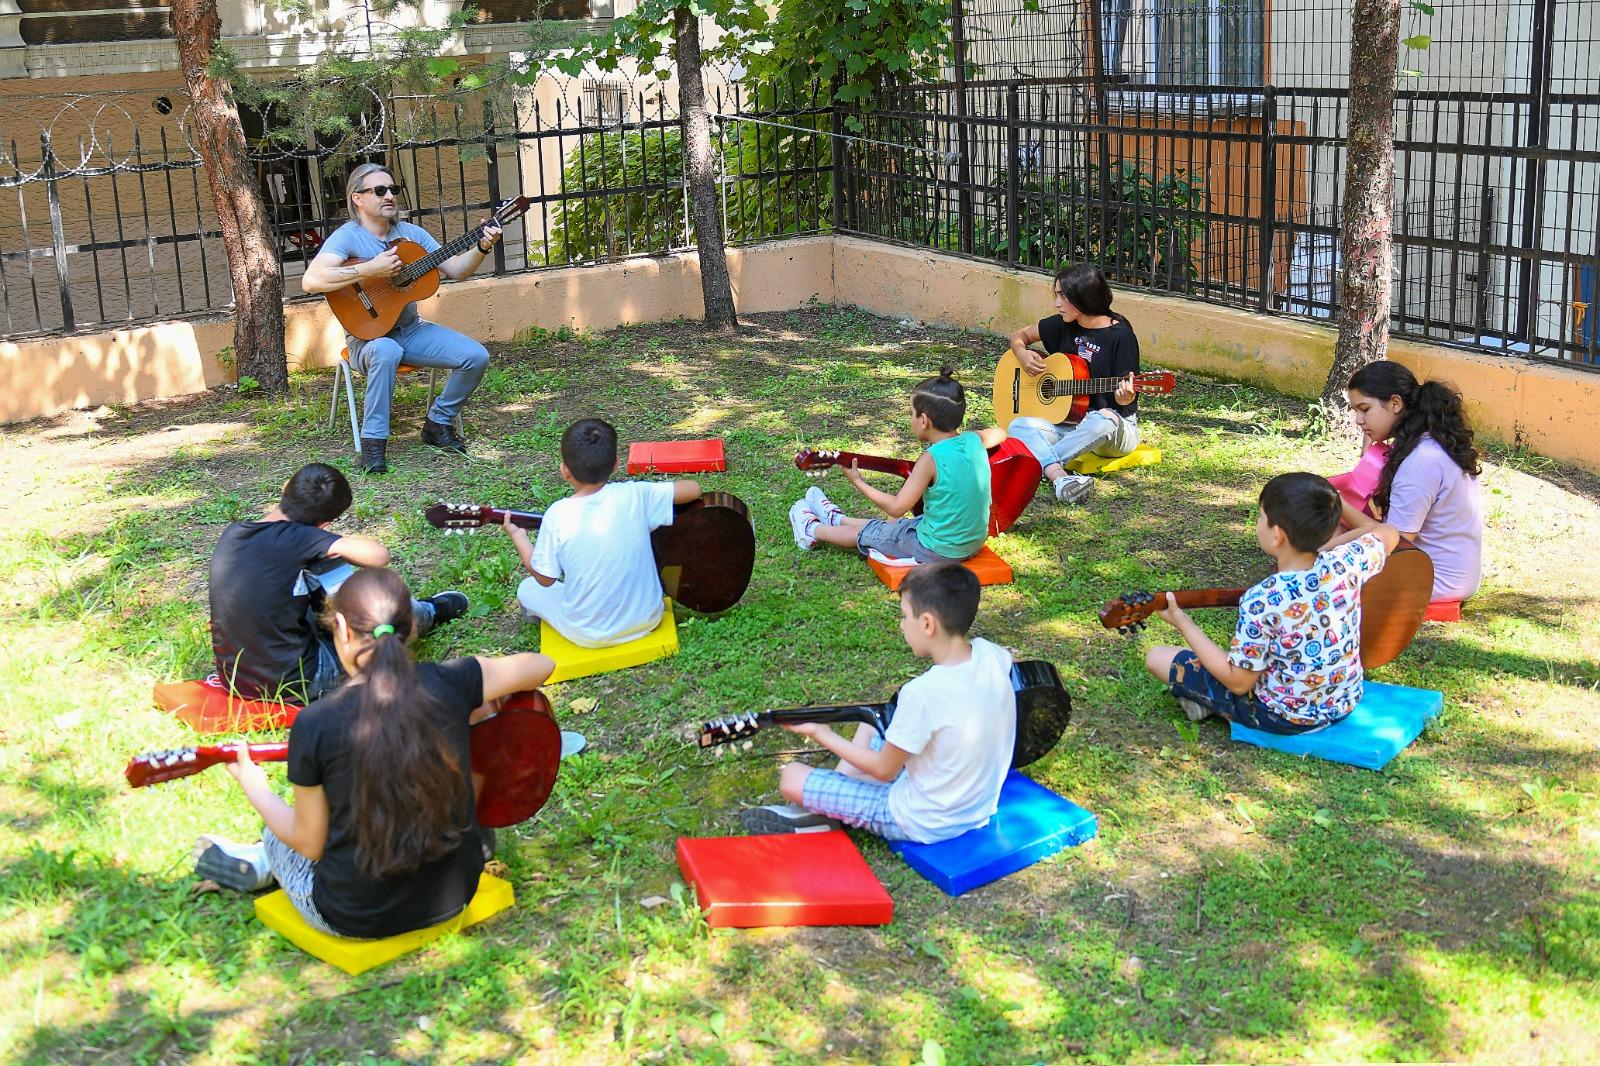 Esenyurt Belediyesi'nde Çocuklar, Kültür Akademisi ile Müzik Yapıyor